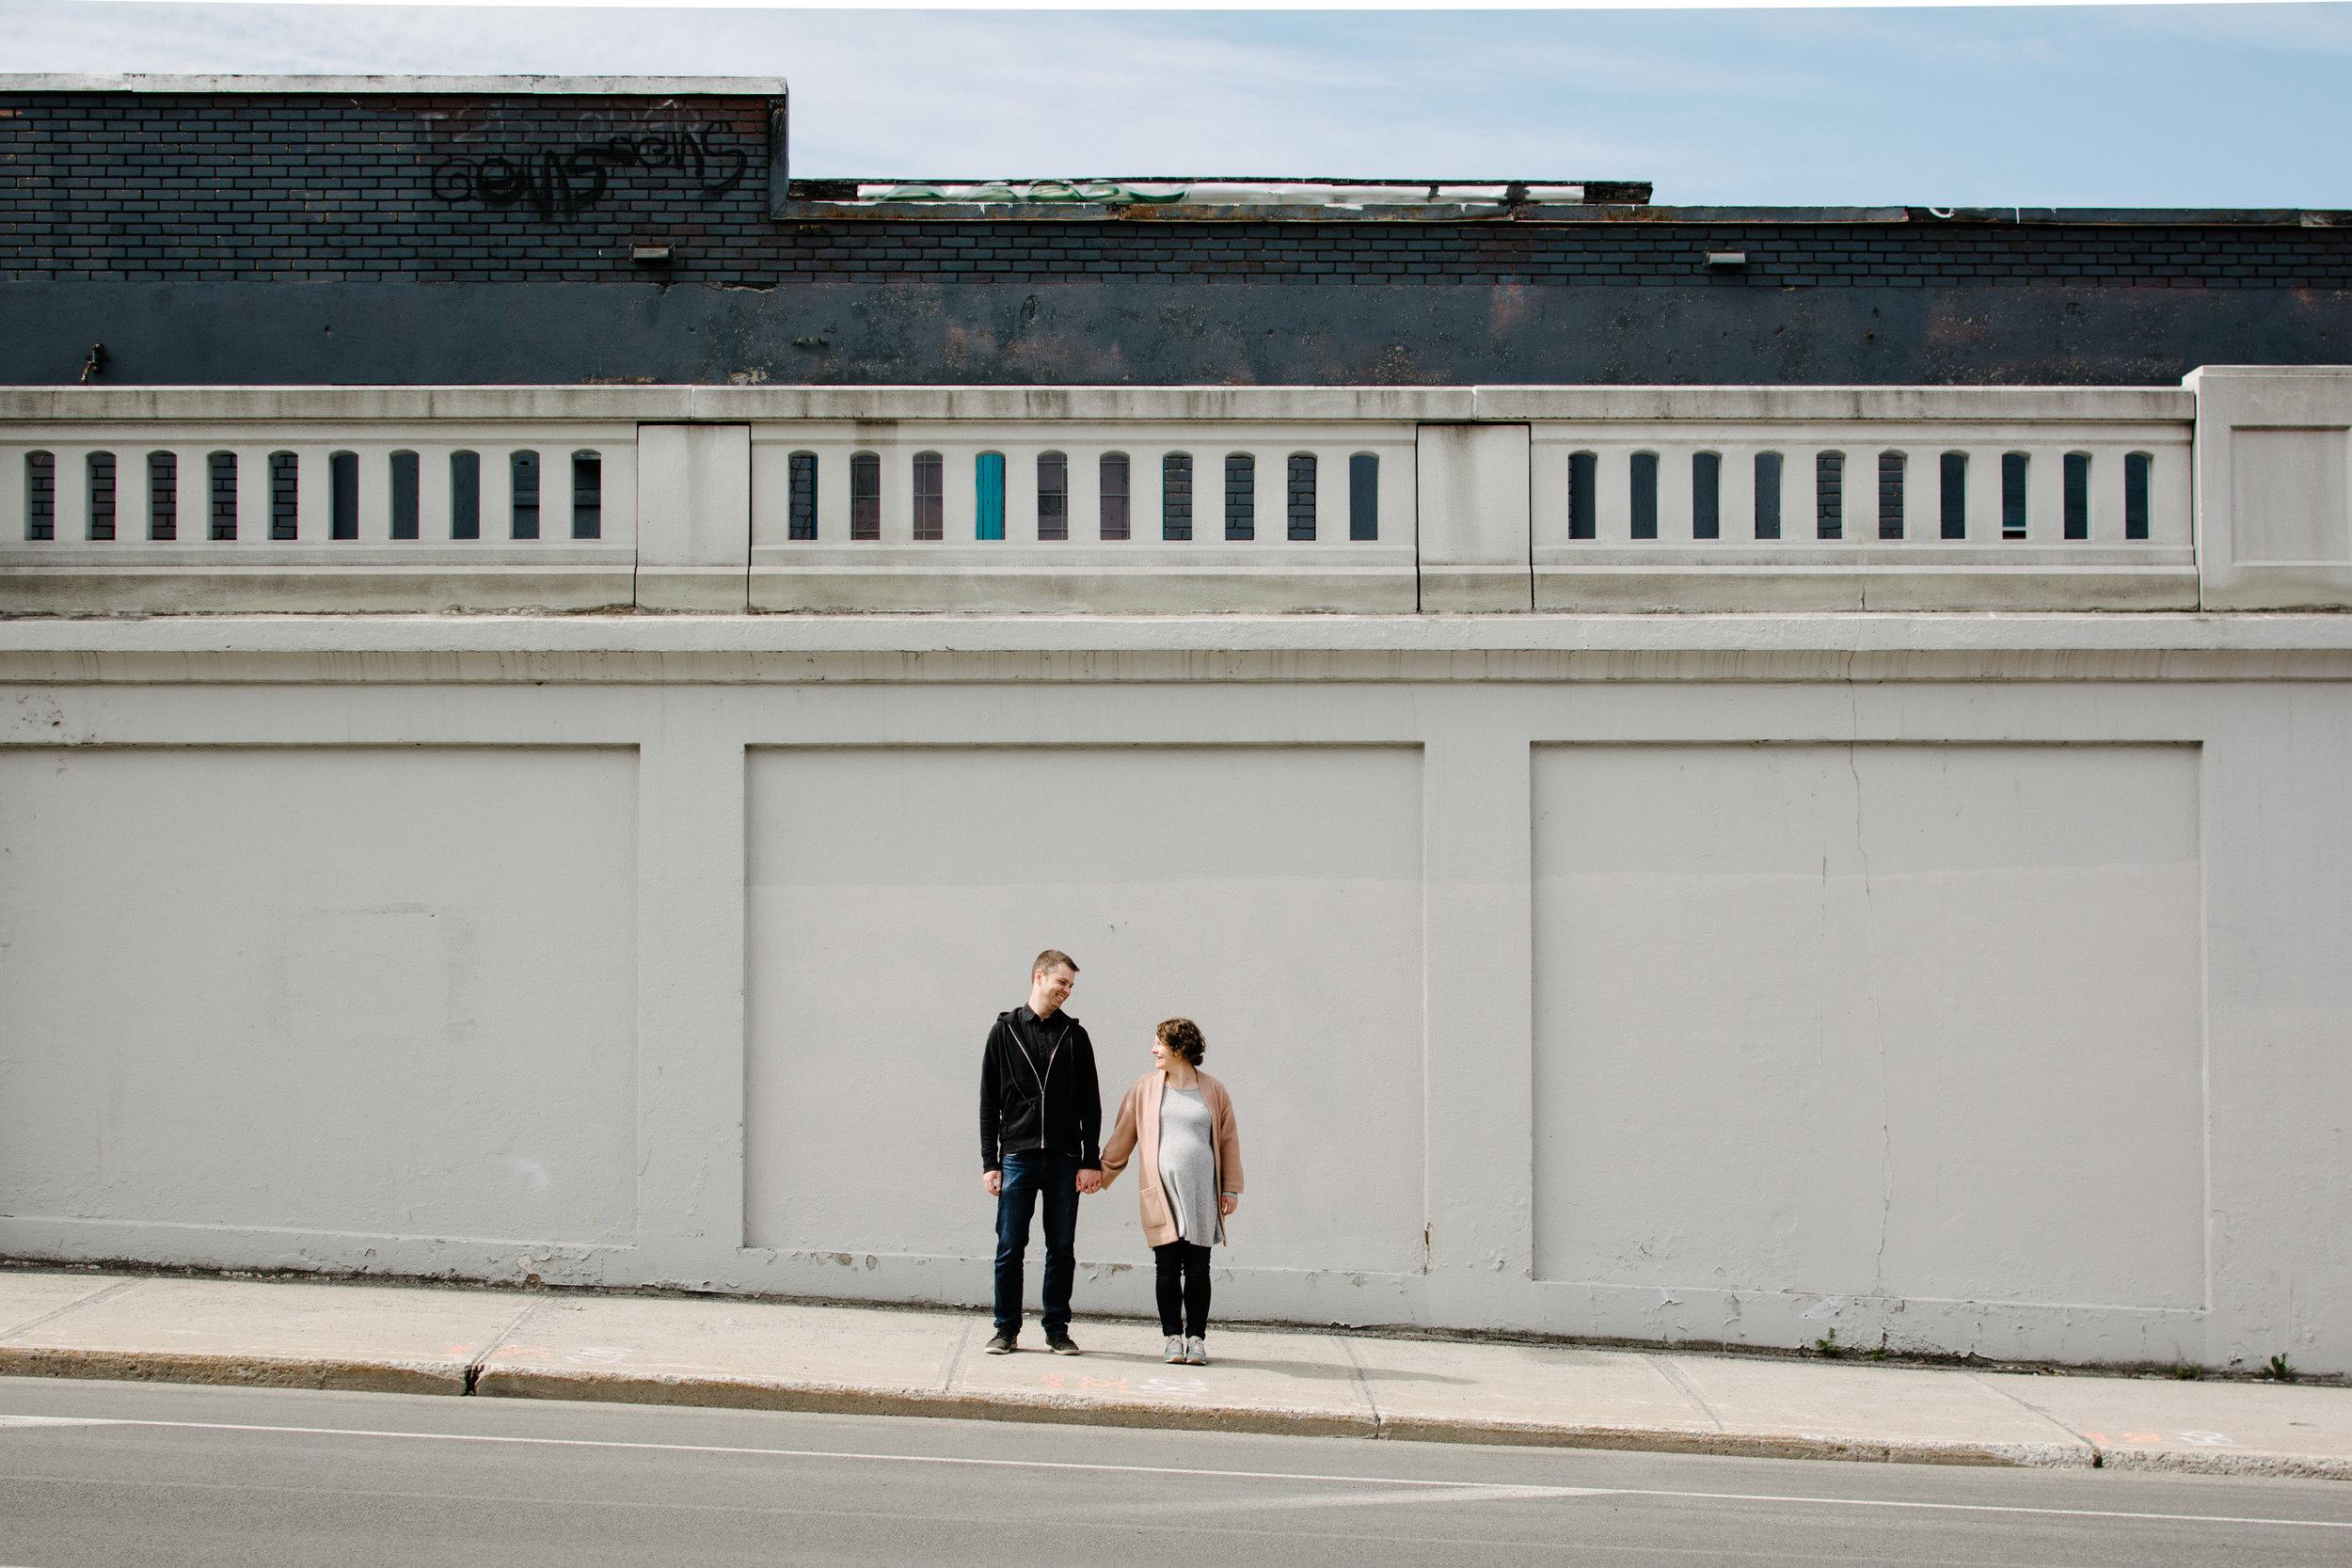 01-photo-d-un-couple-qui-attend-un-enfant-pres-d-un-viaduc-photographe-lifestyle-famille-et-nouveau-ne-a-montreal-marianne-charland-79.jpg